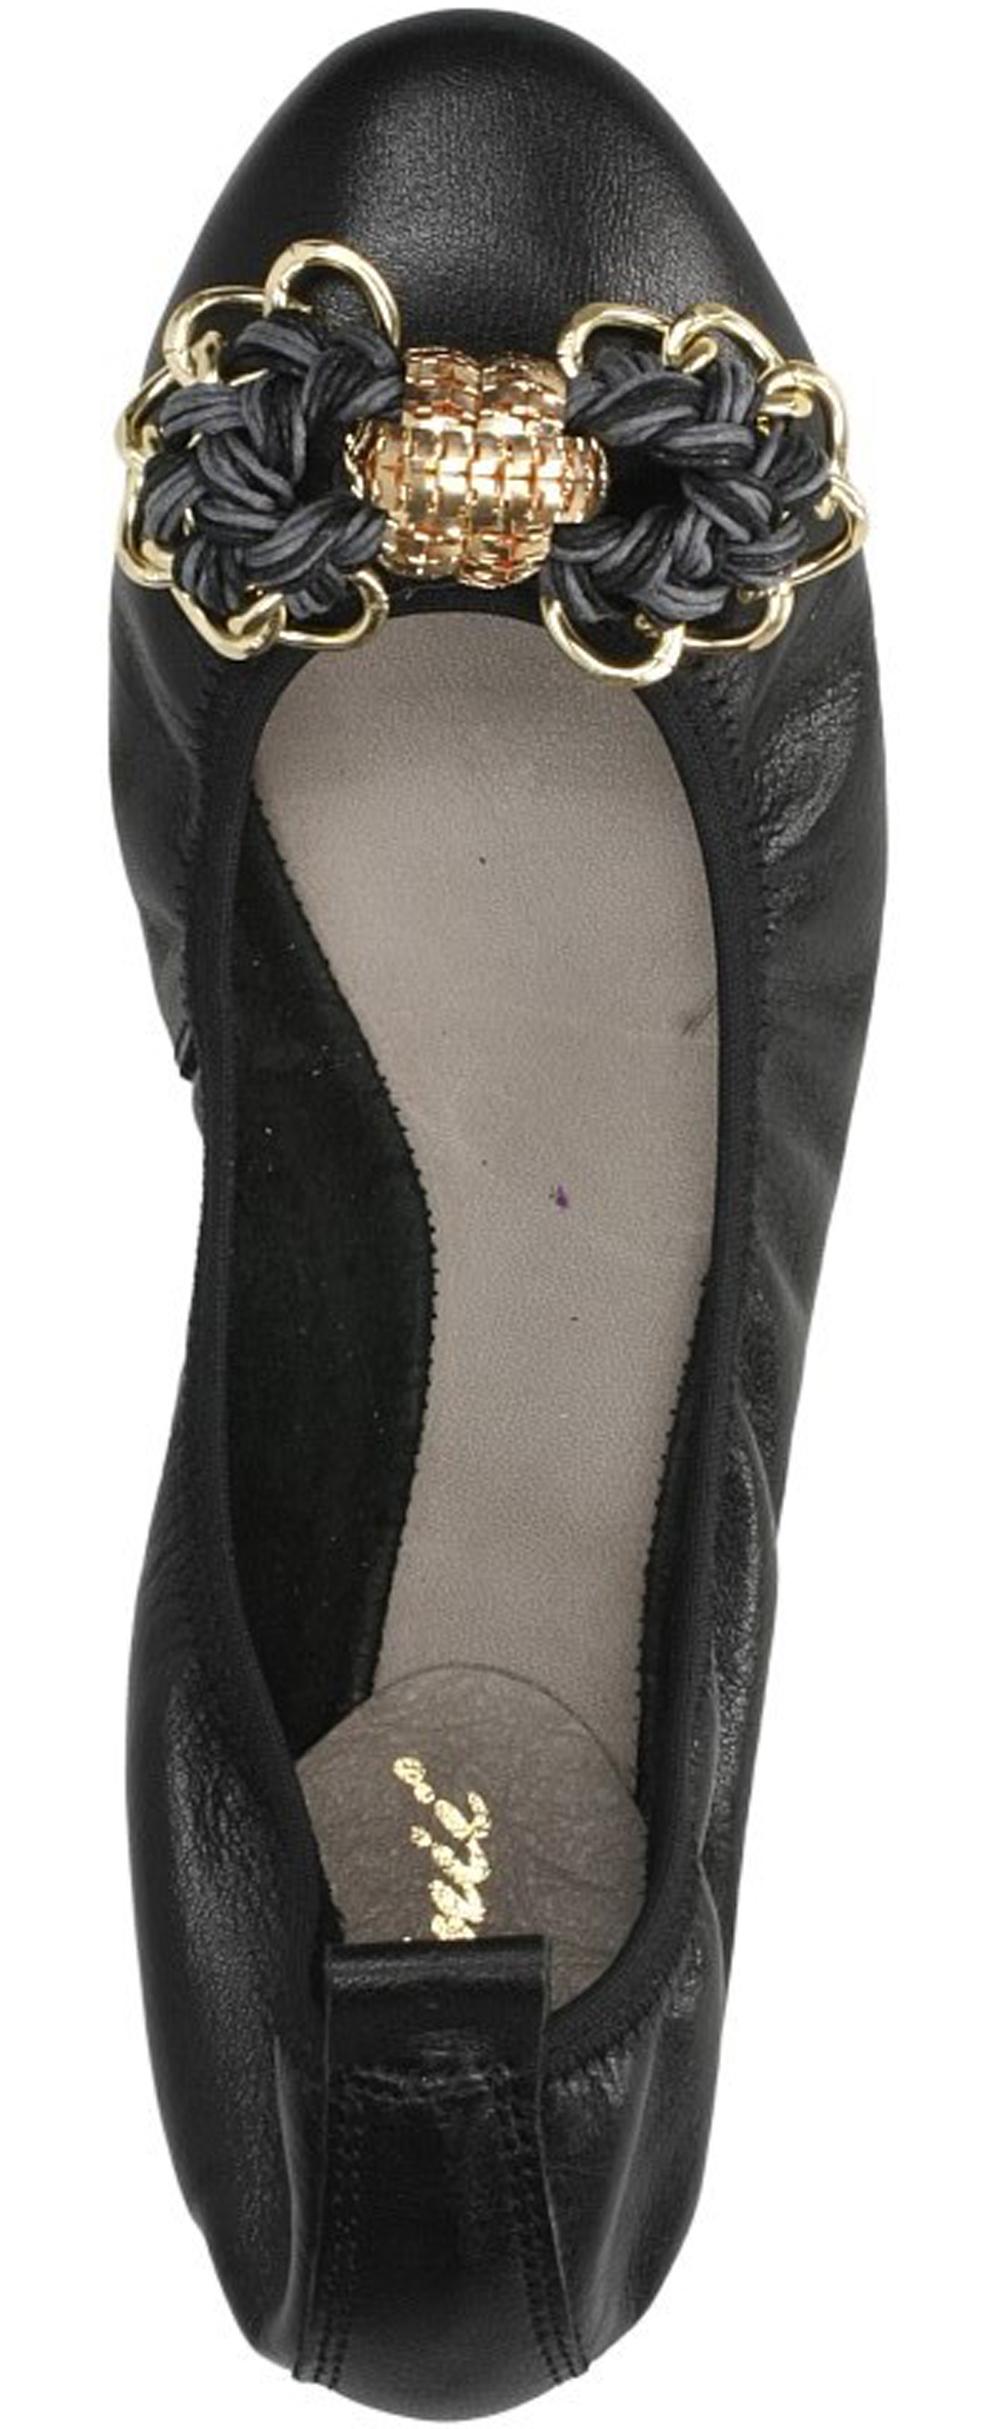 BALERINY CARINII MK1816 kolor czarny